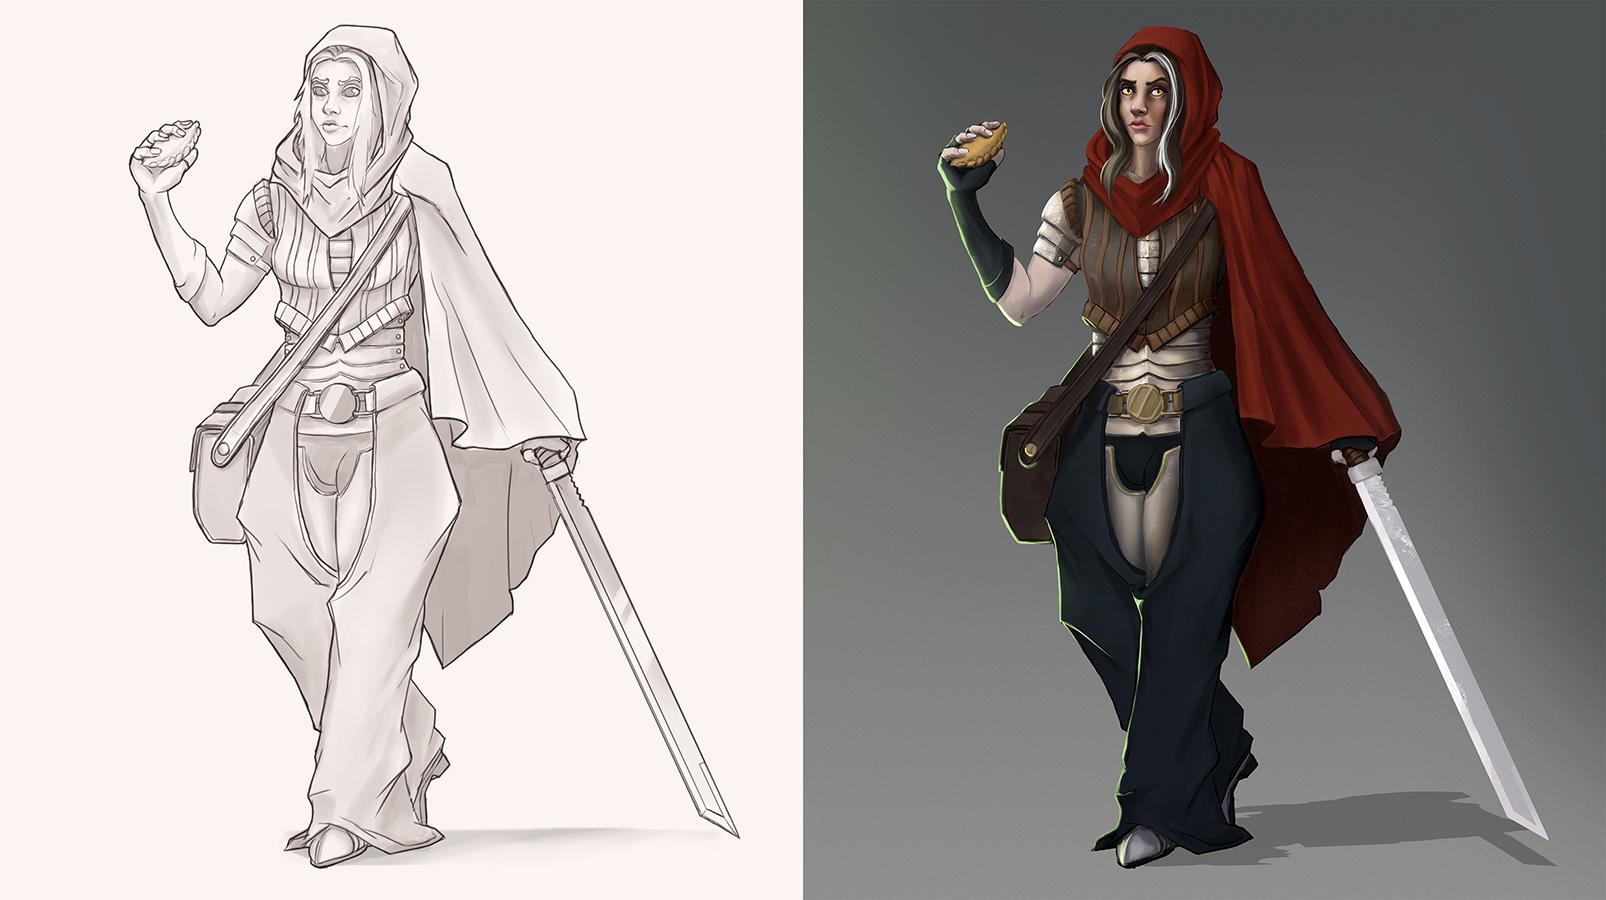 Red   Концепт-художник. Разные стили. 2D (в основном) + 3D